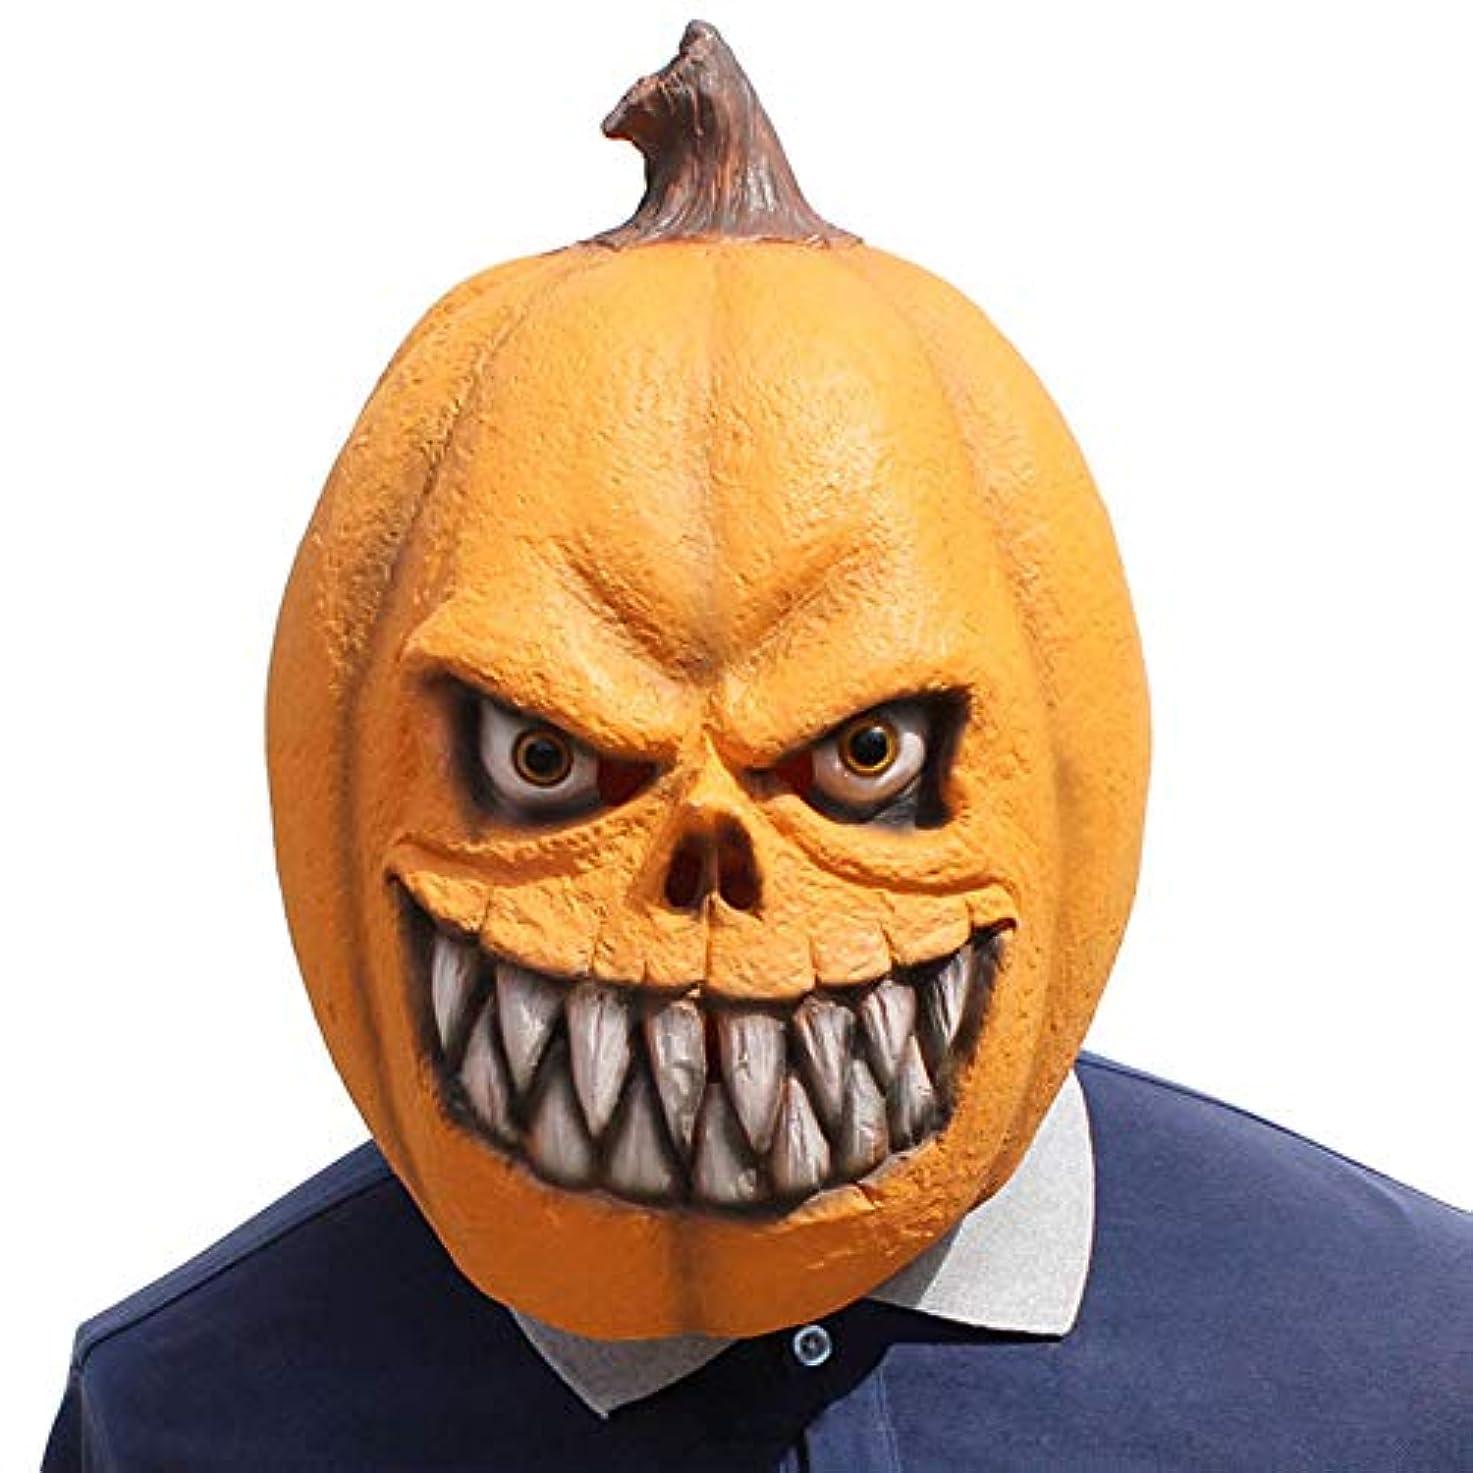 北米ペンフレンド鉄ハロウィーンマスク、カボチャラテックスマスク、ハロウィーン、テーマパーティー、カーニバル、レイブパーティーに適しています